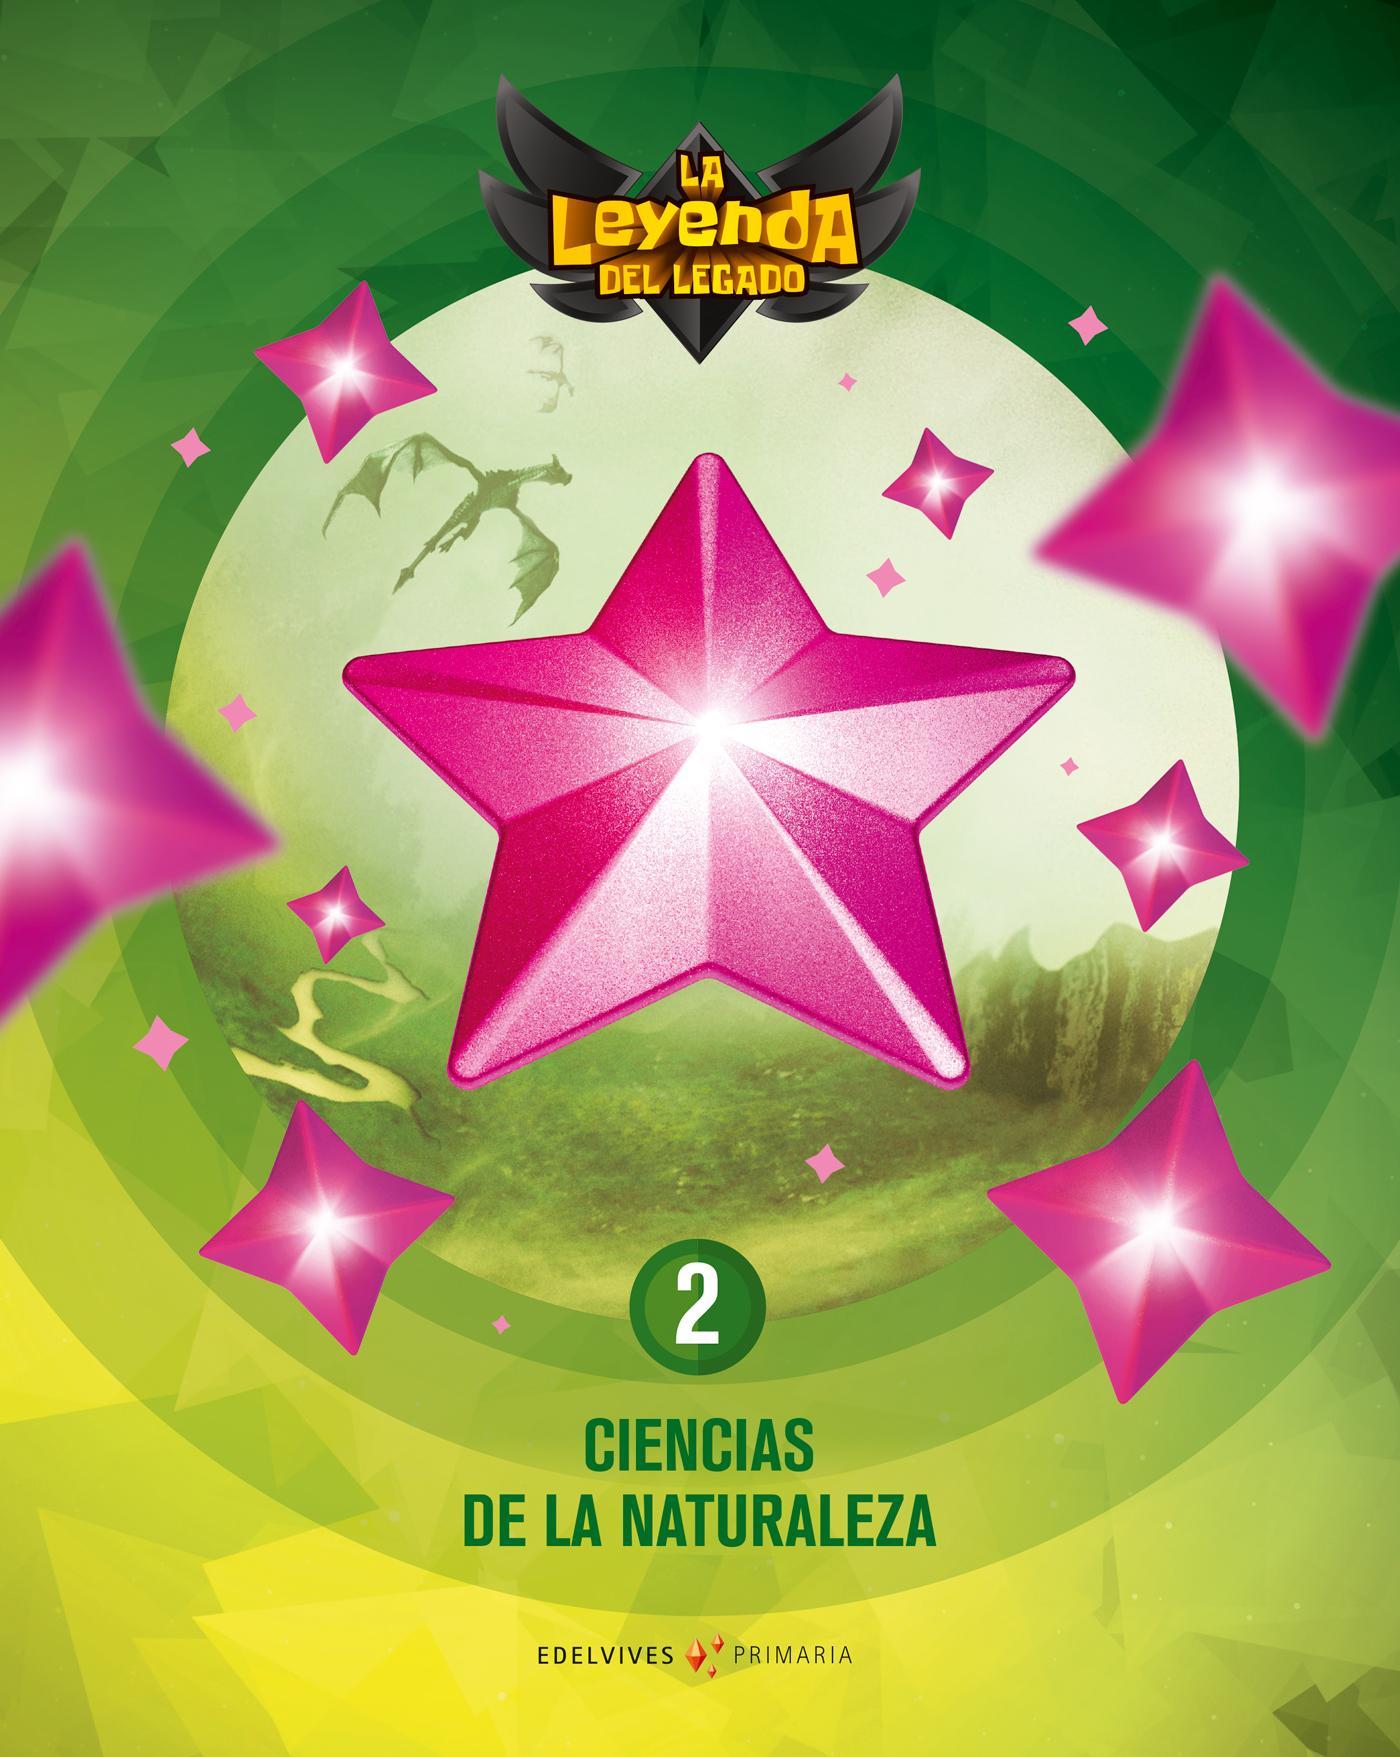 LIBRO DE TEXTO - 2 PRIMARIA CIENCIAS NATURALES. LA LEYENDA DEL LEGADO 2018